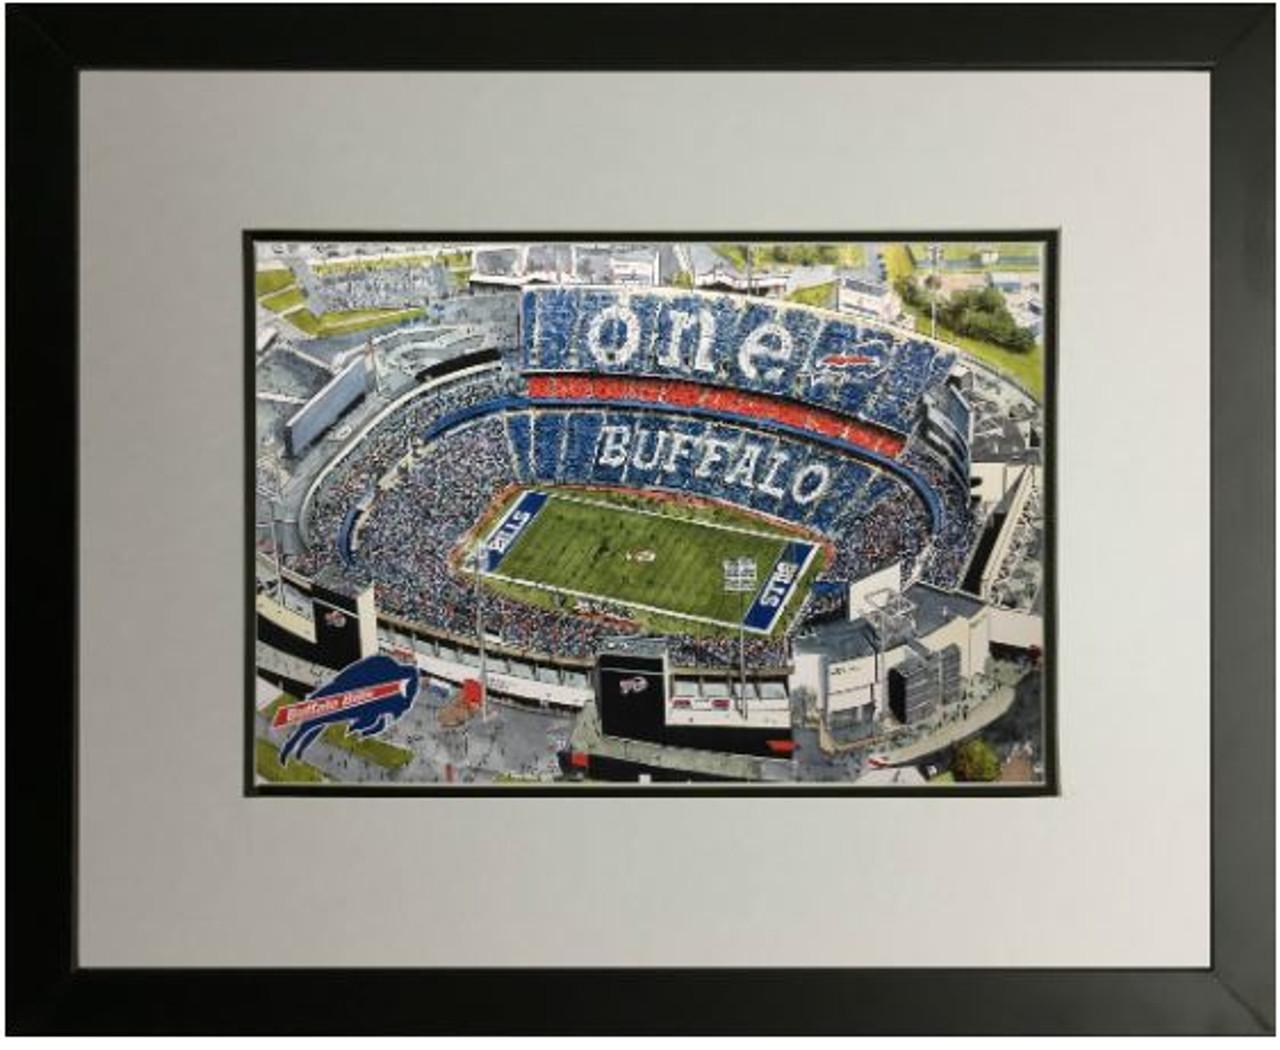 Ralph Wilson Stadium - Buffal0 Bills  Art Print